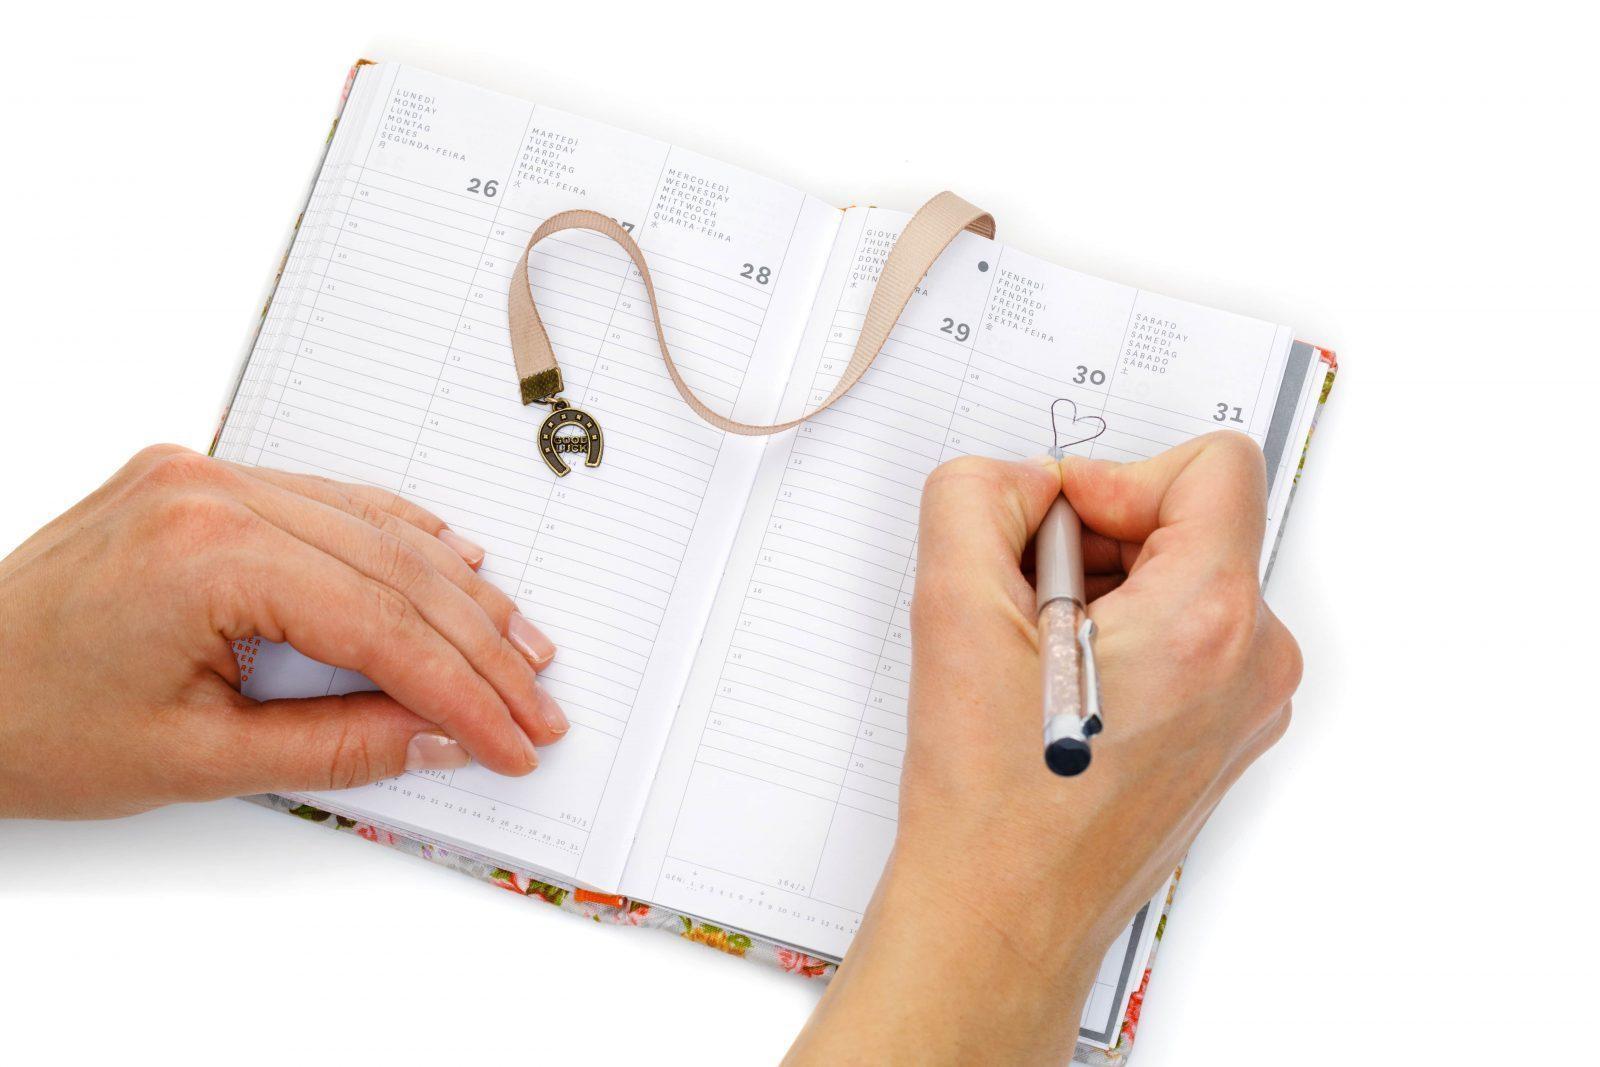 Новый месяц — новые возможности: фазы менструального цикла